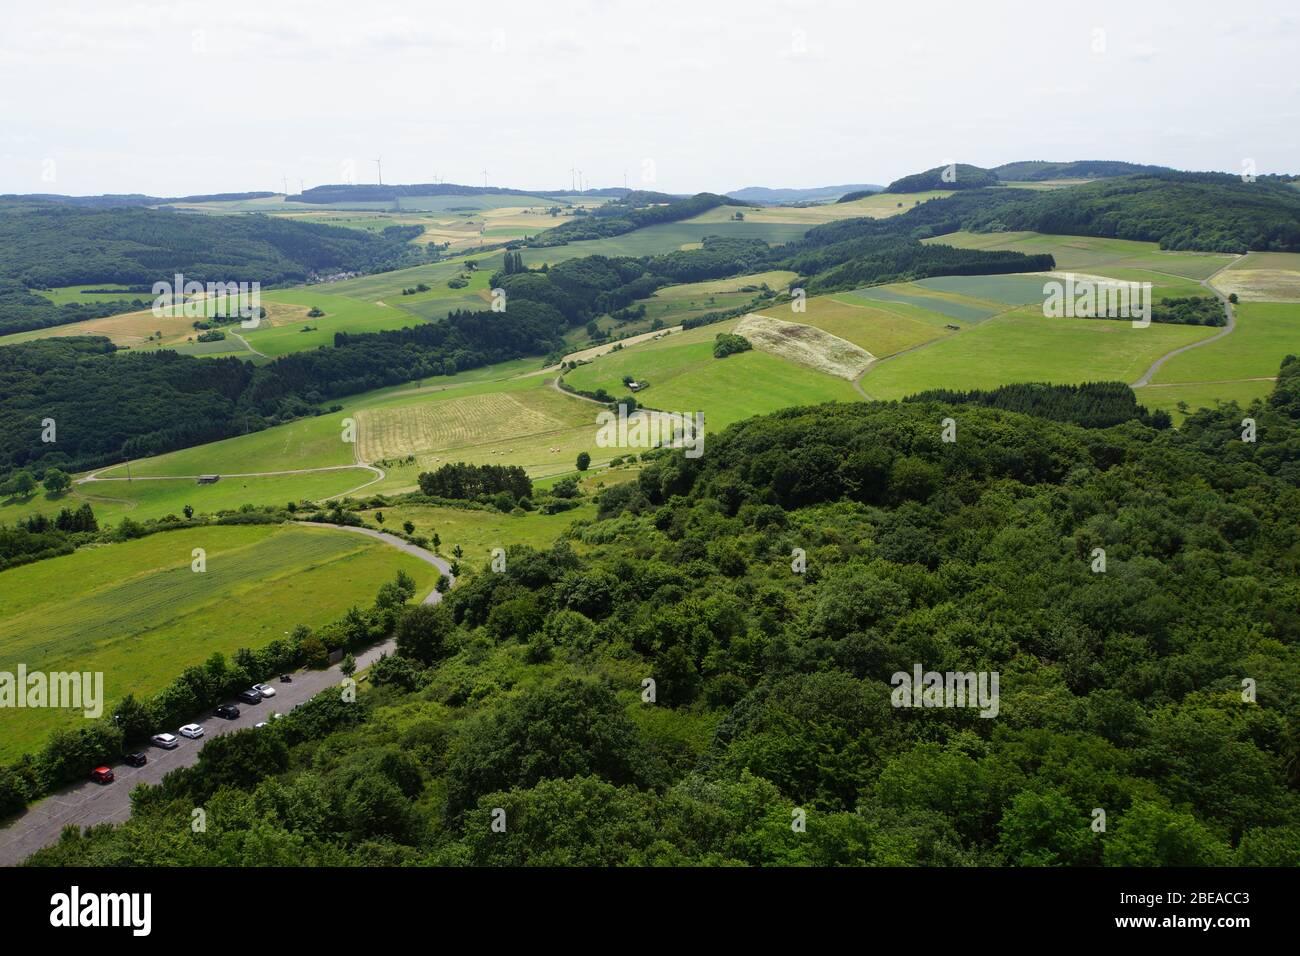 Blick vom Bergfried der Burgruine Olbrück, Niederdürenbach-Hain, Rheinland-Pfalz, Deutschland Stock Photo